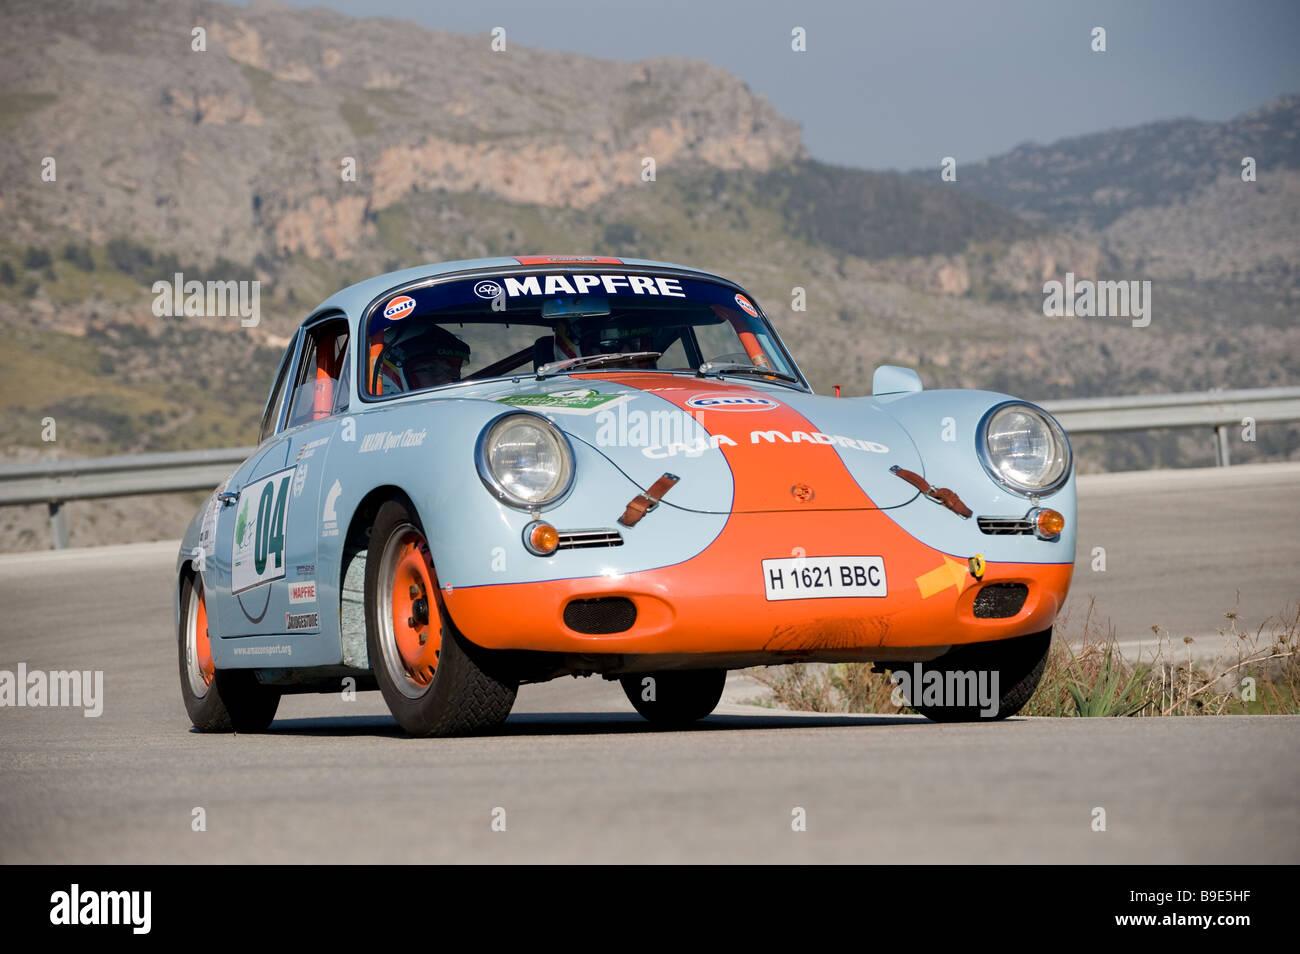 1962 porsche 356 Racing in the Classic car rally Mallorca